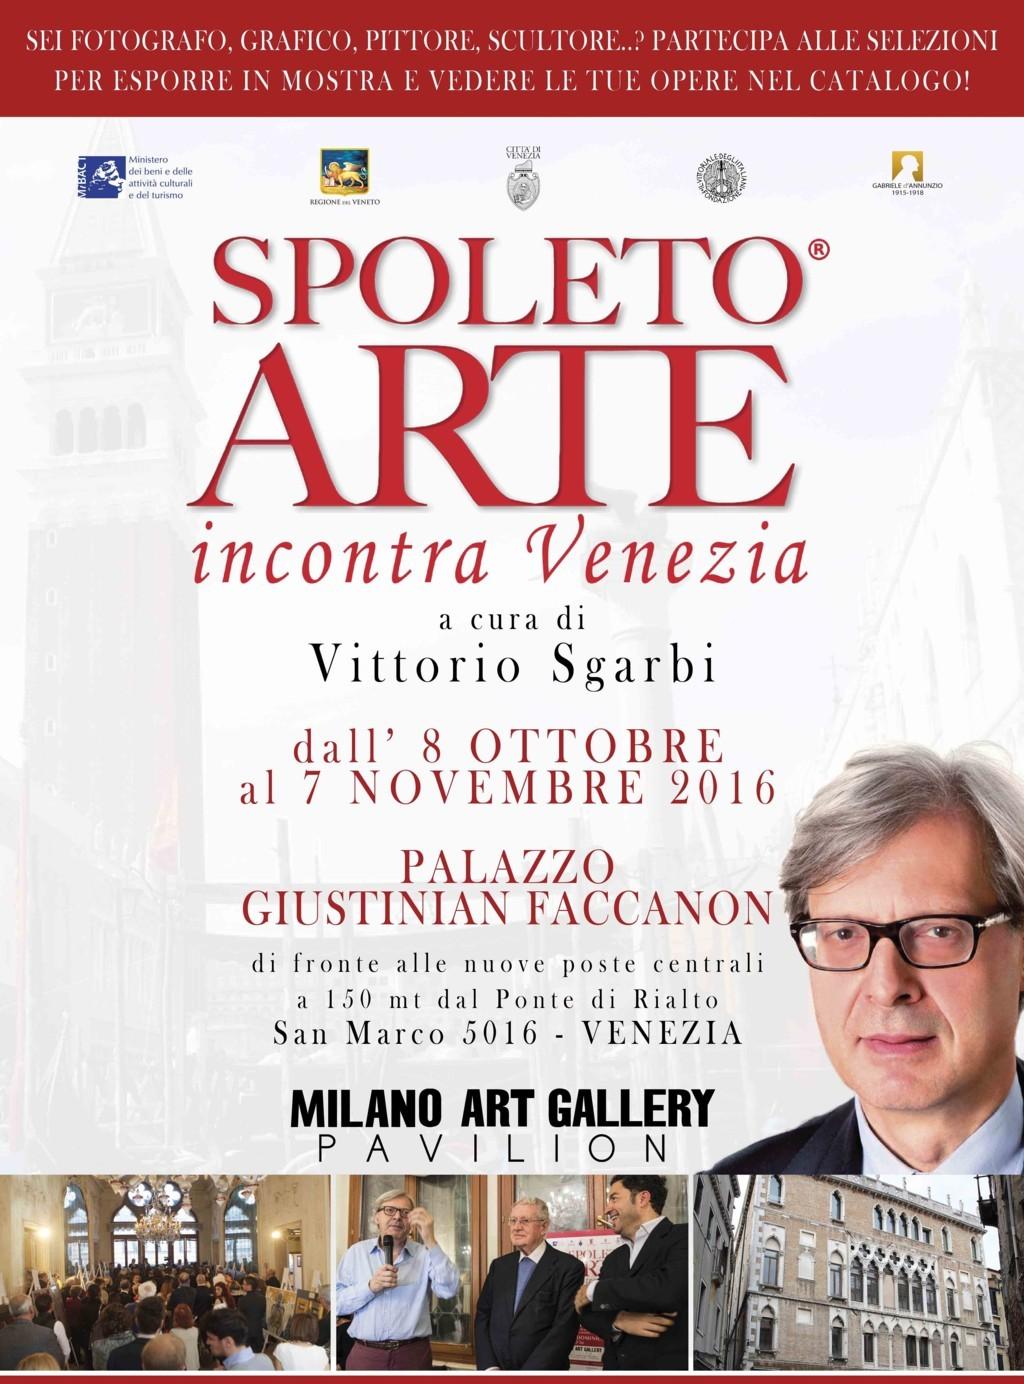 Spoleto Arte incontra Venezia: si apre la grande mostra presentata da Sgarbi